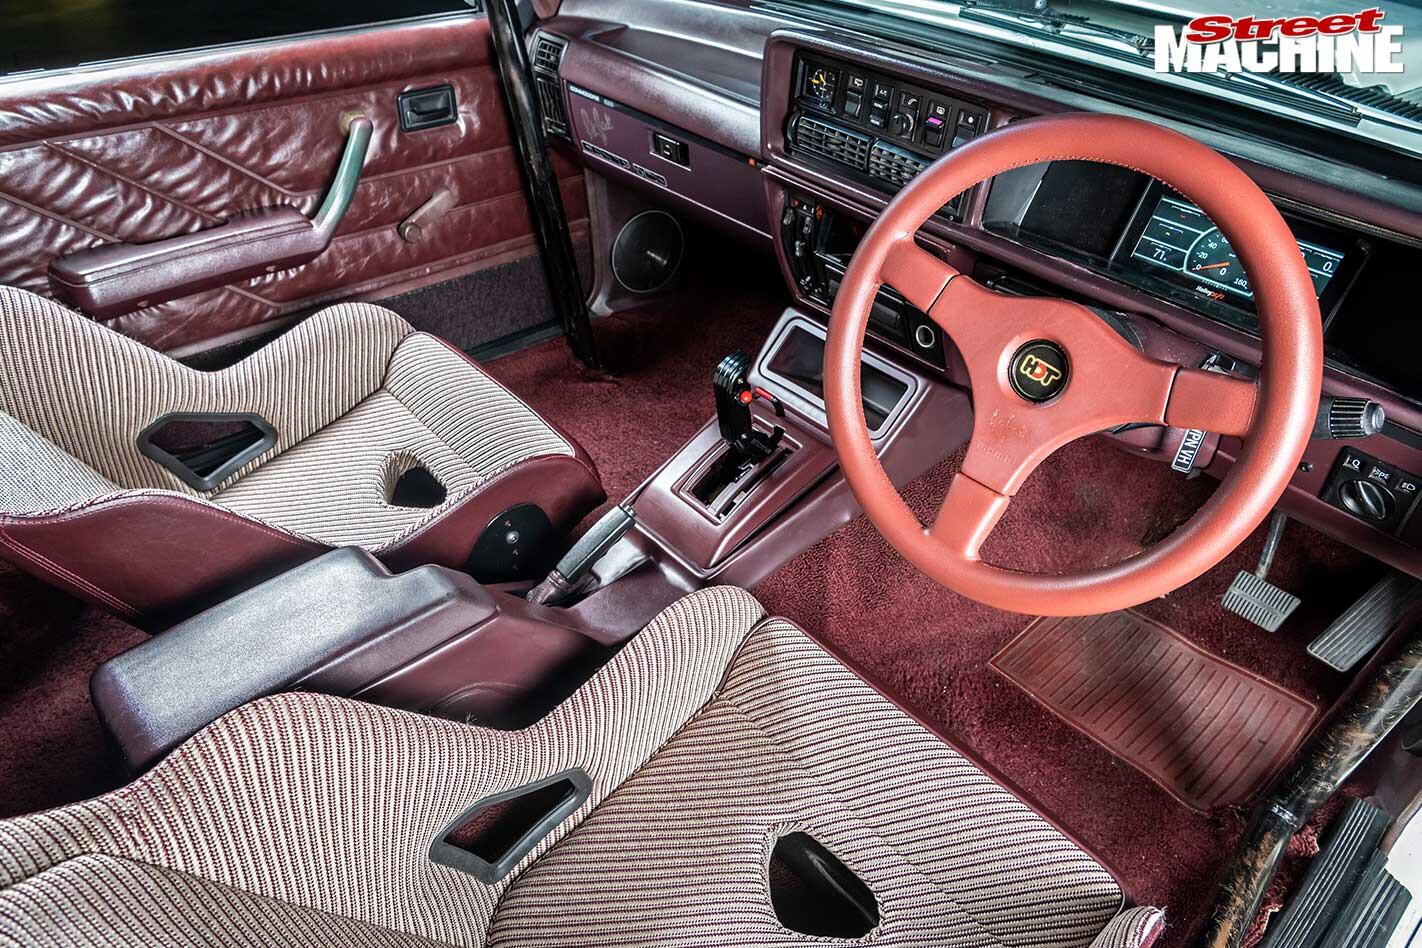 Holden VH Commodore interior